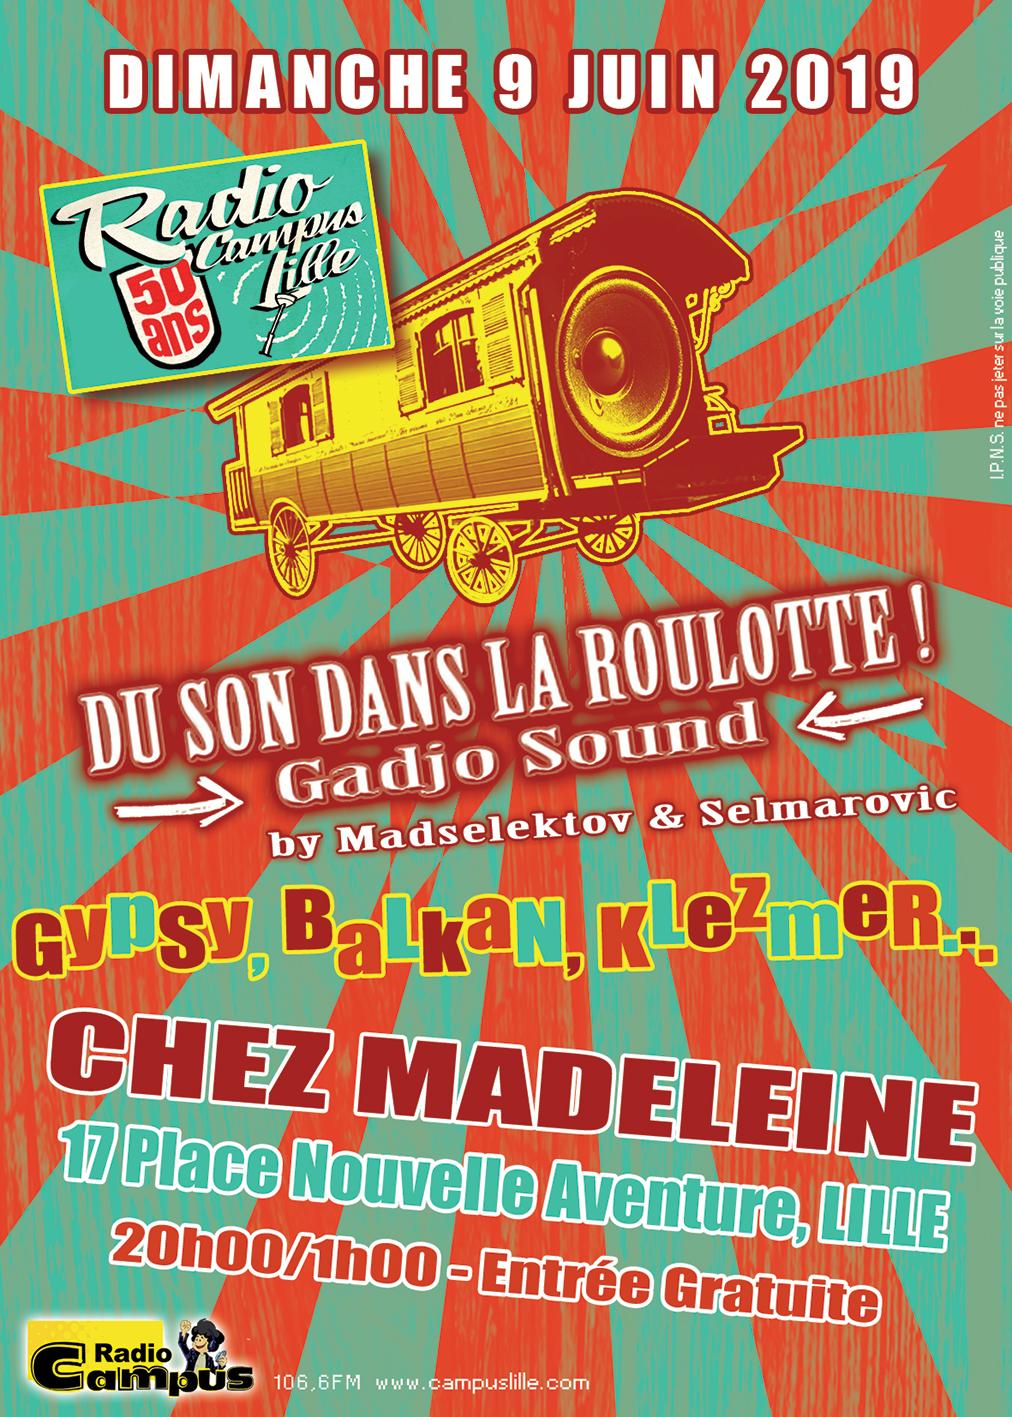 flyer-20190609-Chez-Madeleine